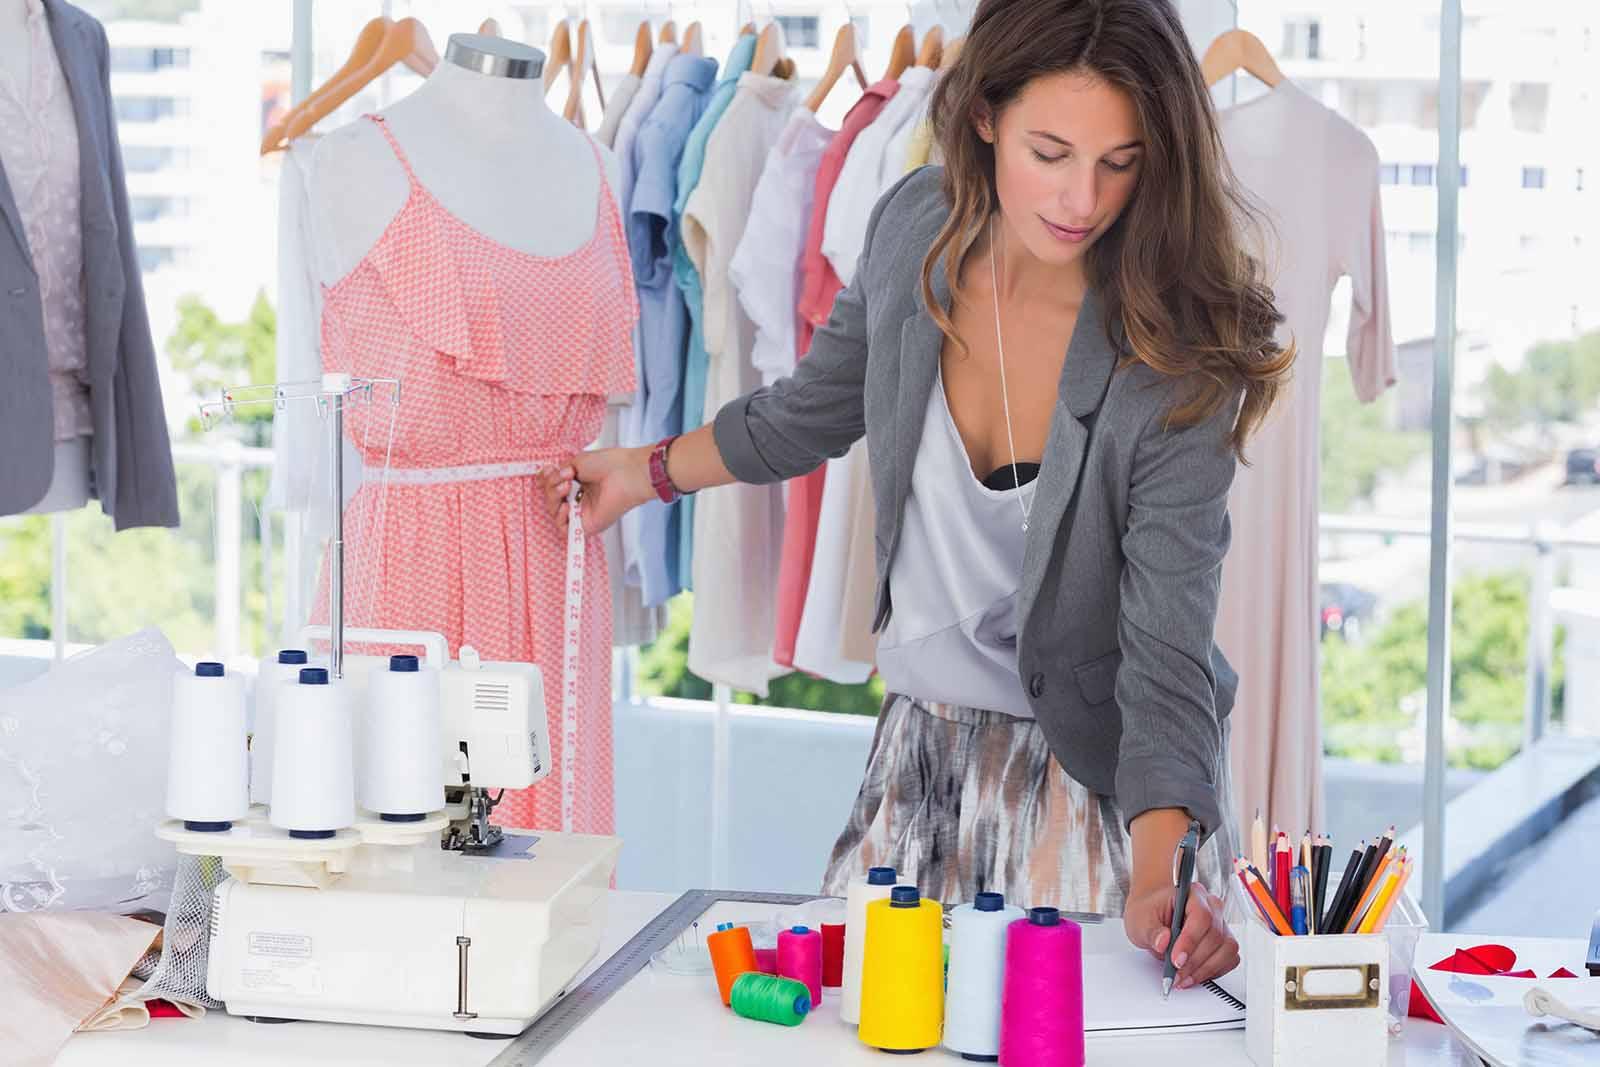 7 Different Fashion Design Jobs La Riviere